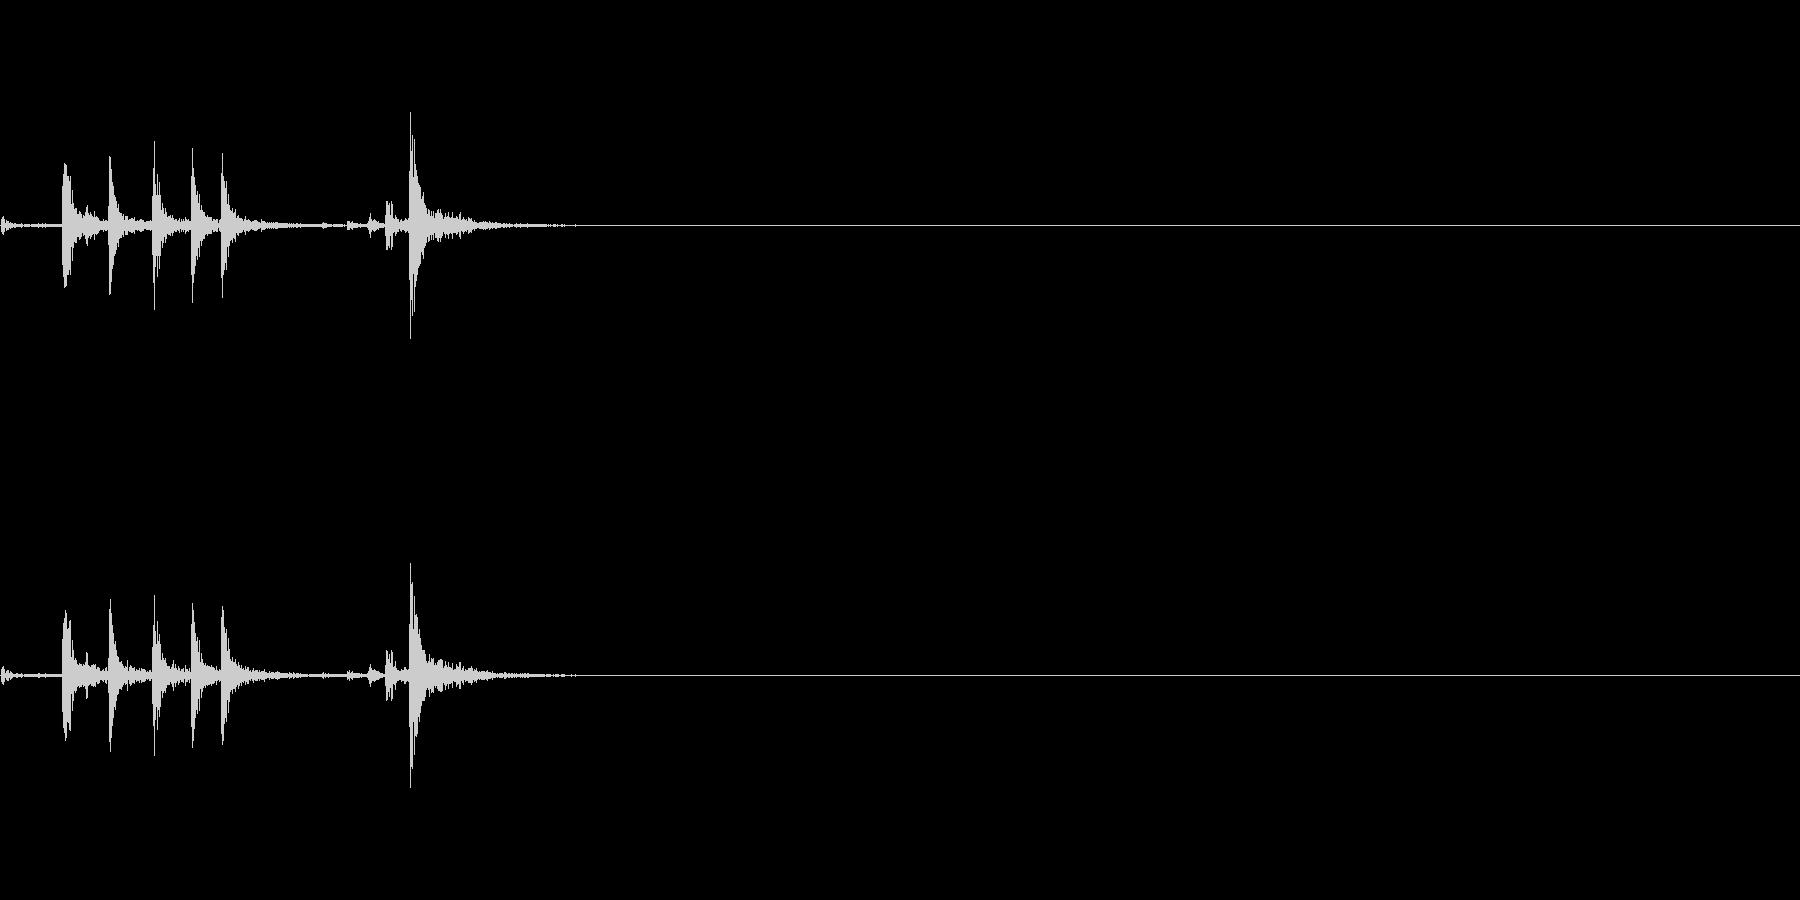 生録音-メトロノームのゼンマイを巻く01の未再生の波形